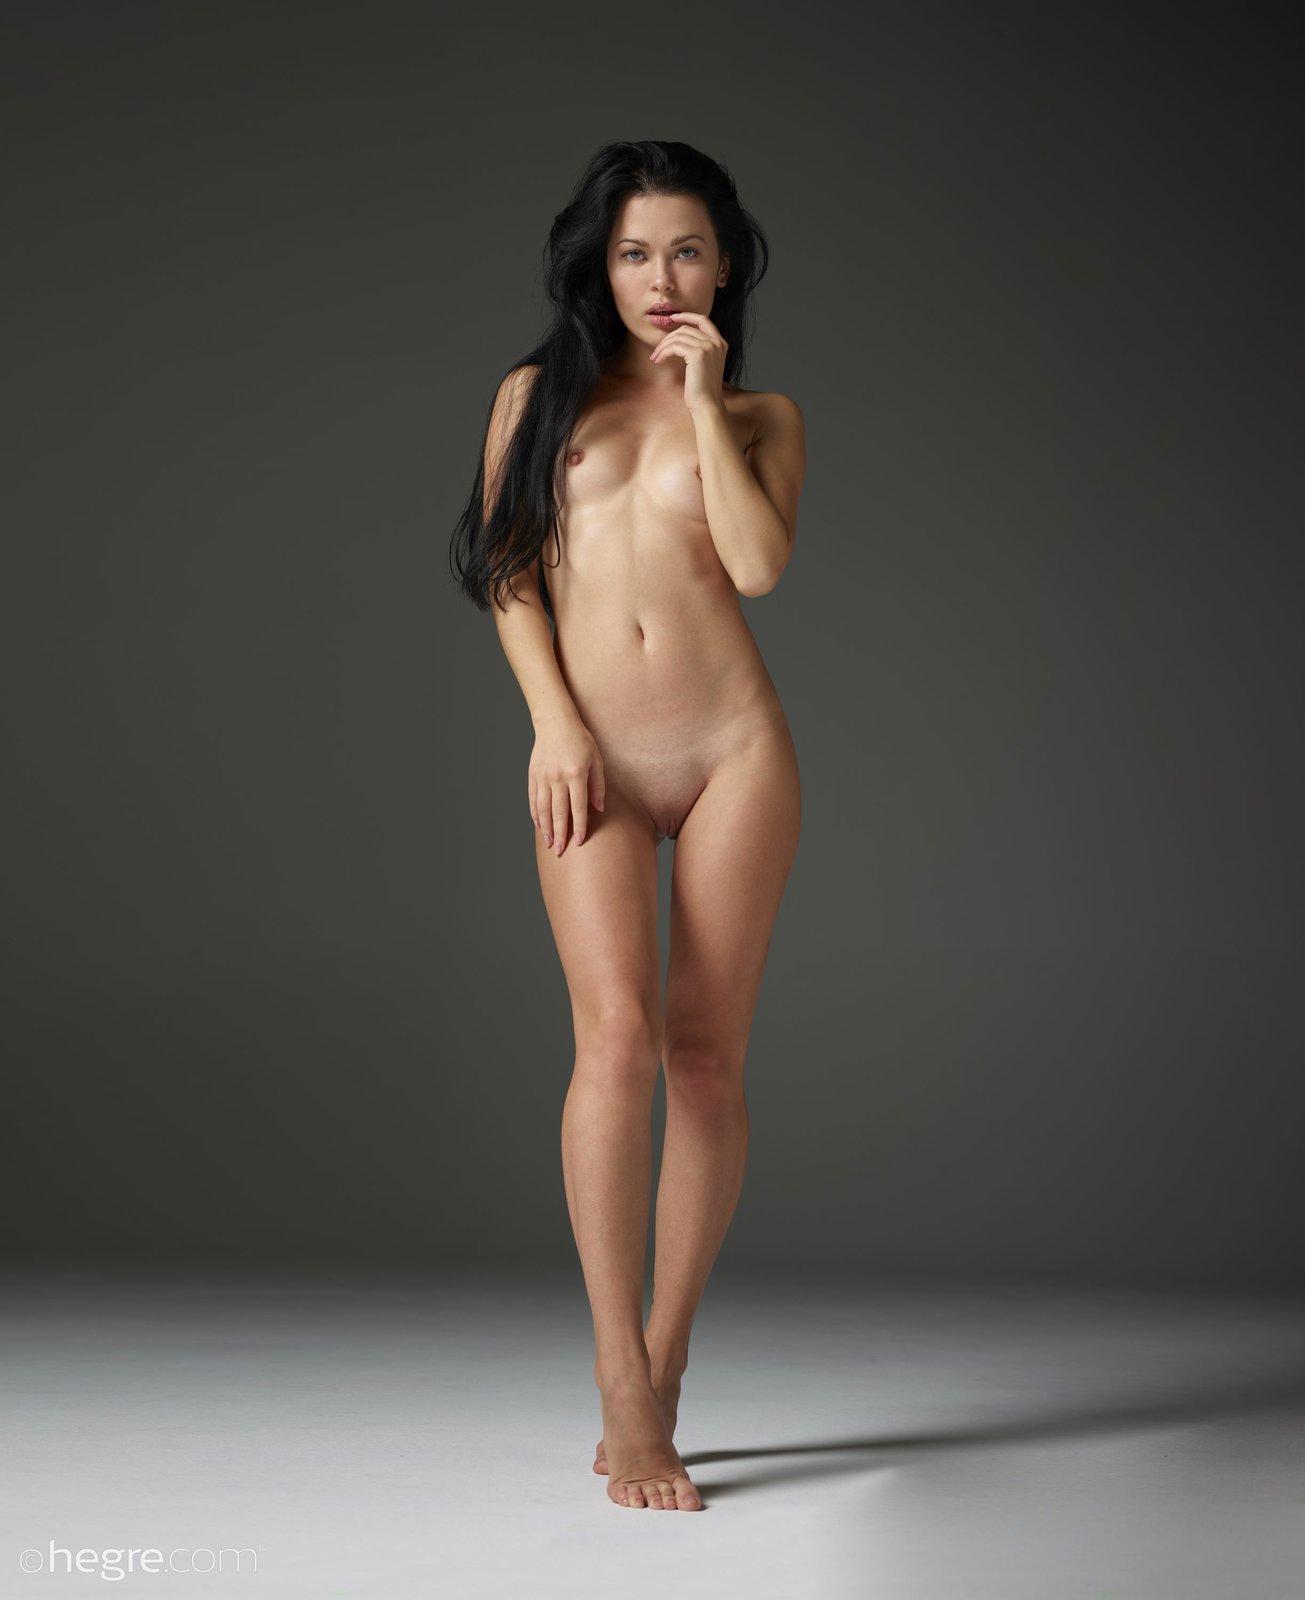 Красивая загорелая супермодель с похотливым телом секс фото